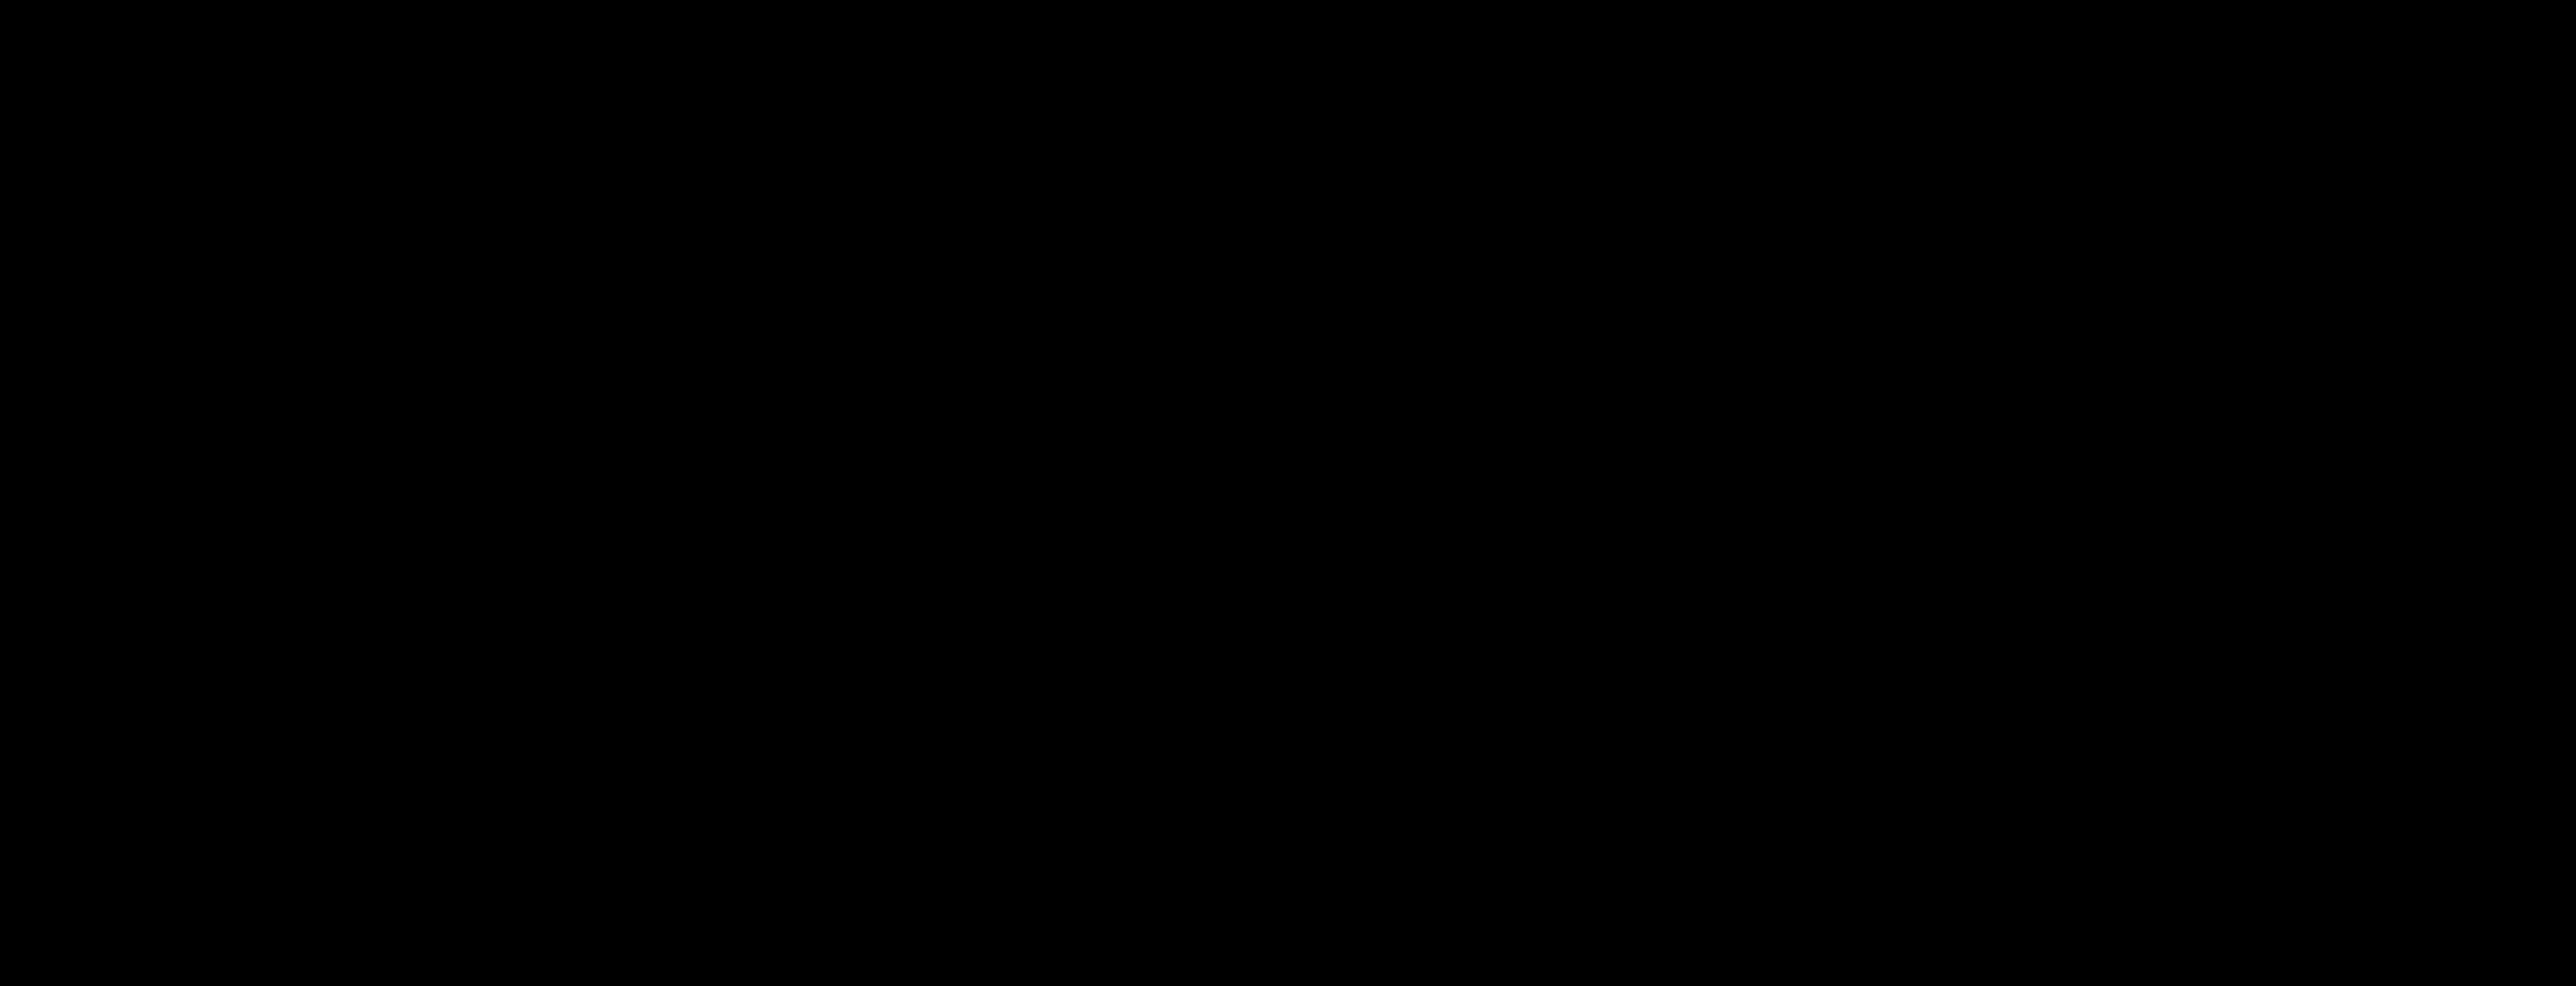 UniverSSE 2017